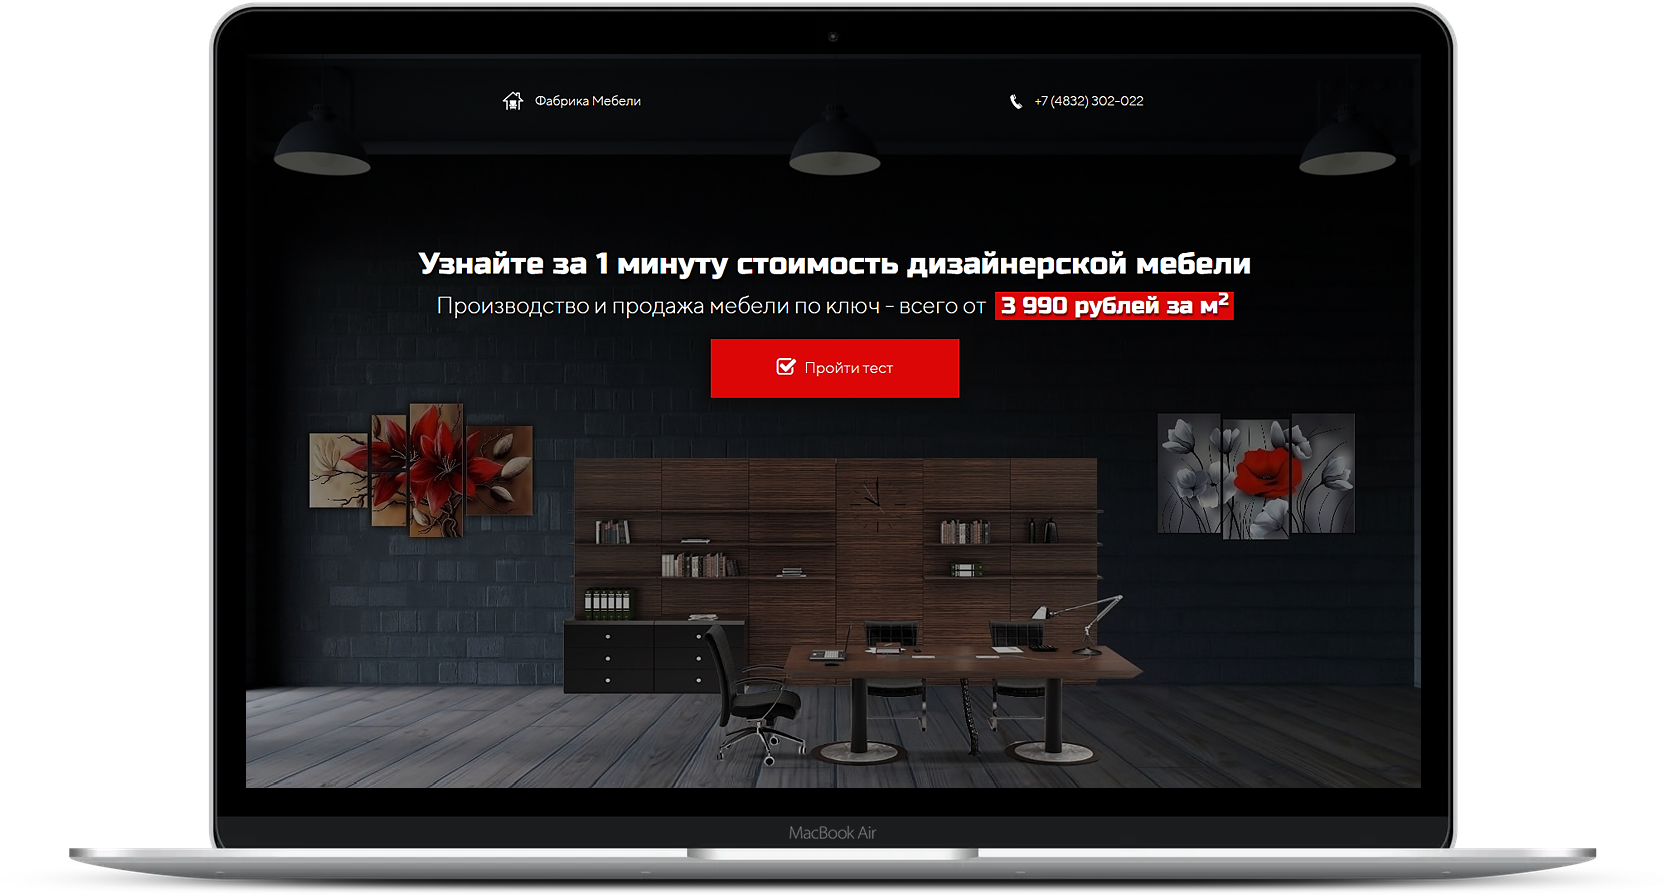 Сайт для фабрики дизайнерской мебели